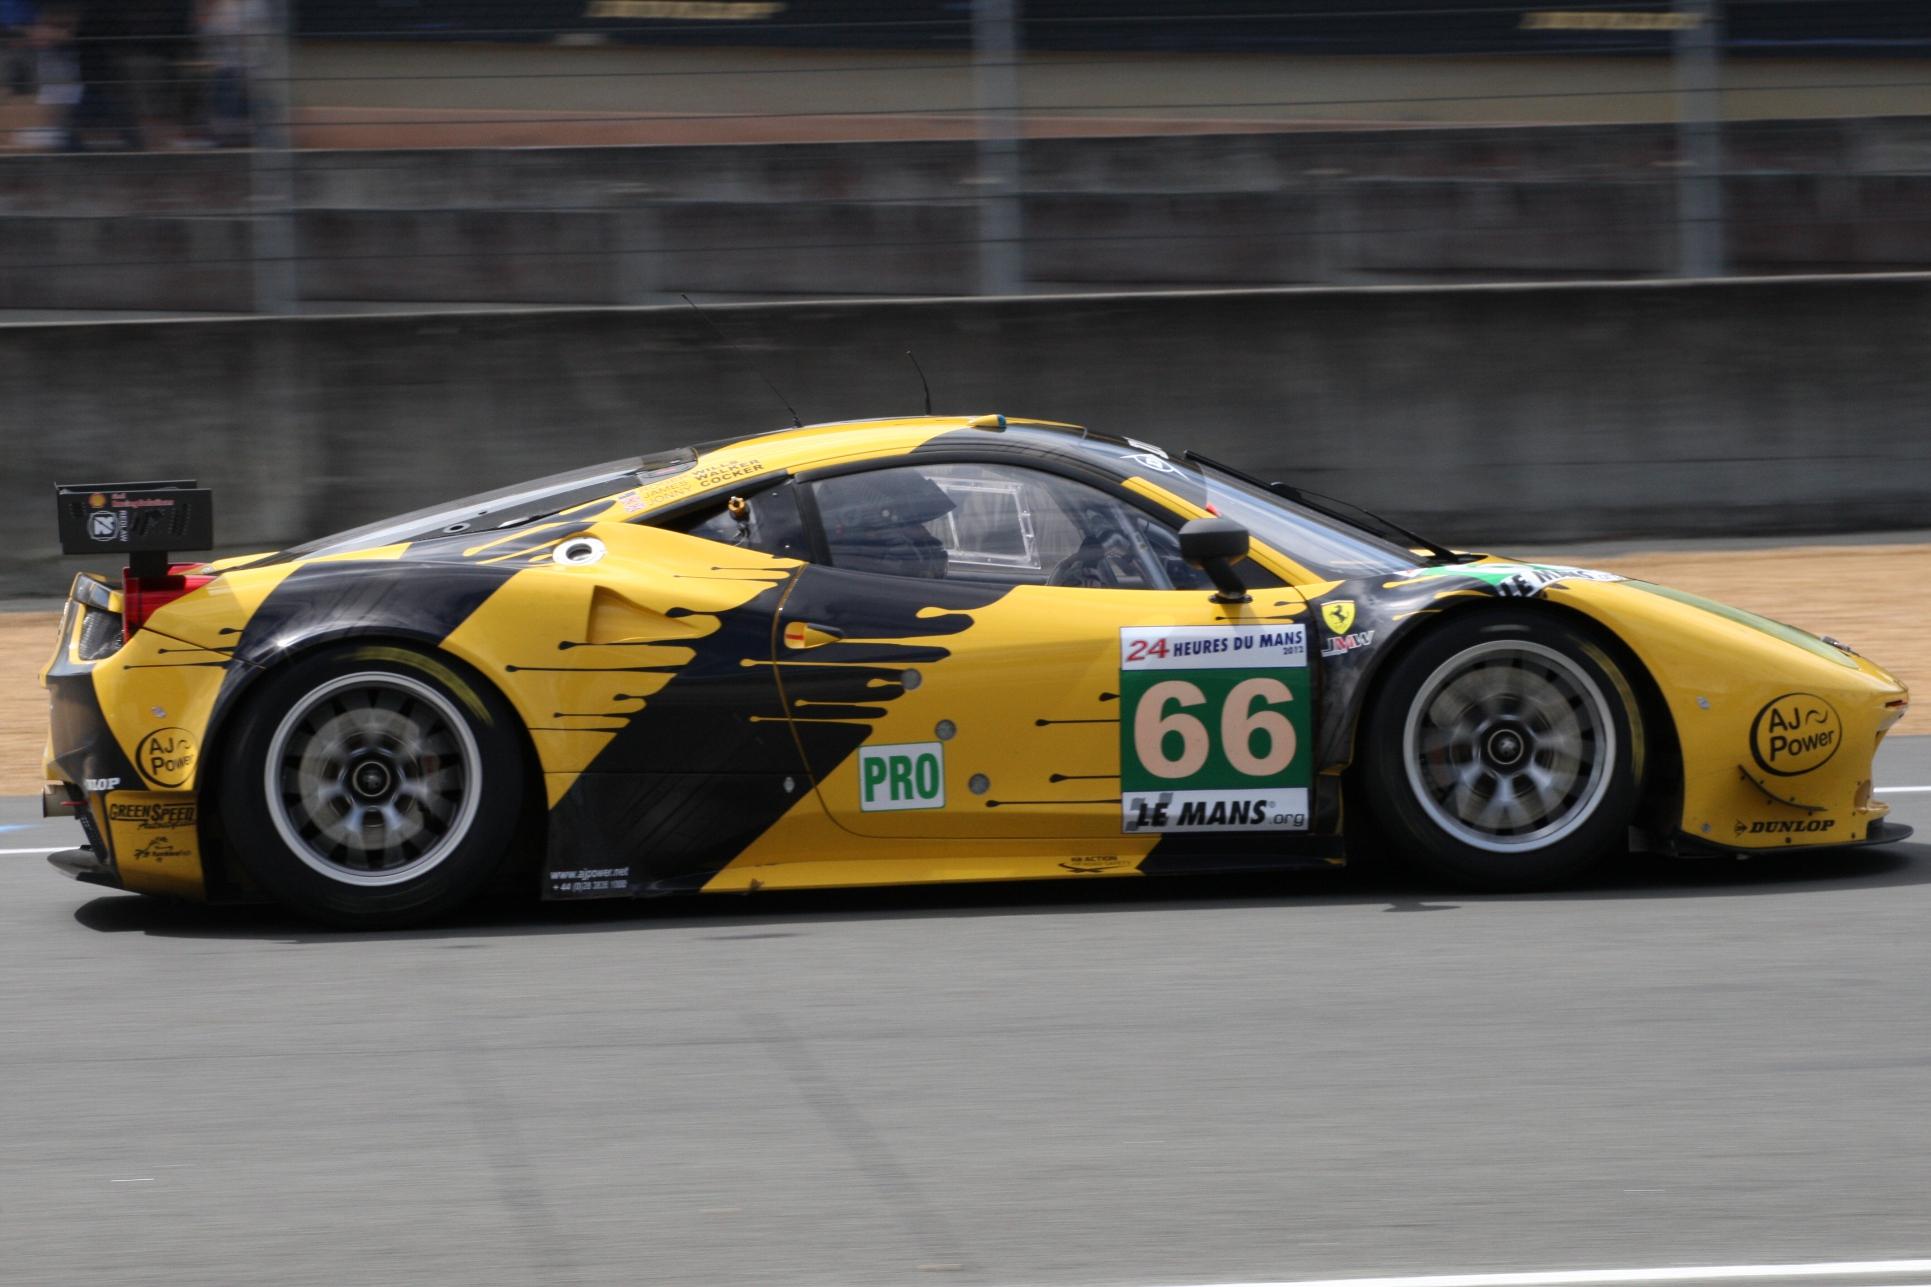 24 HEURES DUN MANS 2012 FERRARI NUM 66 Team JMW ART Car Dunlop